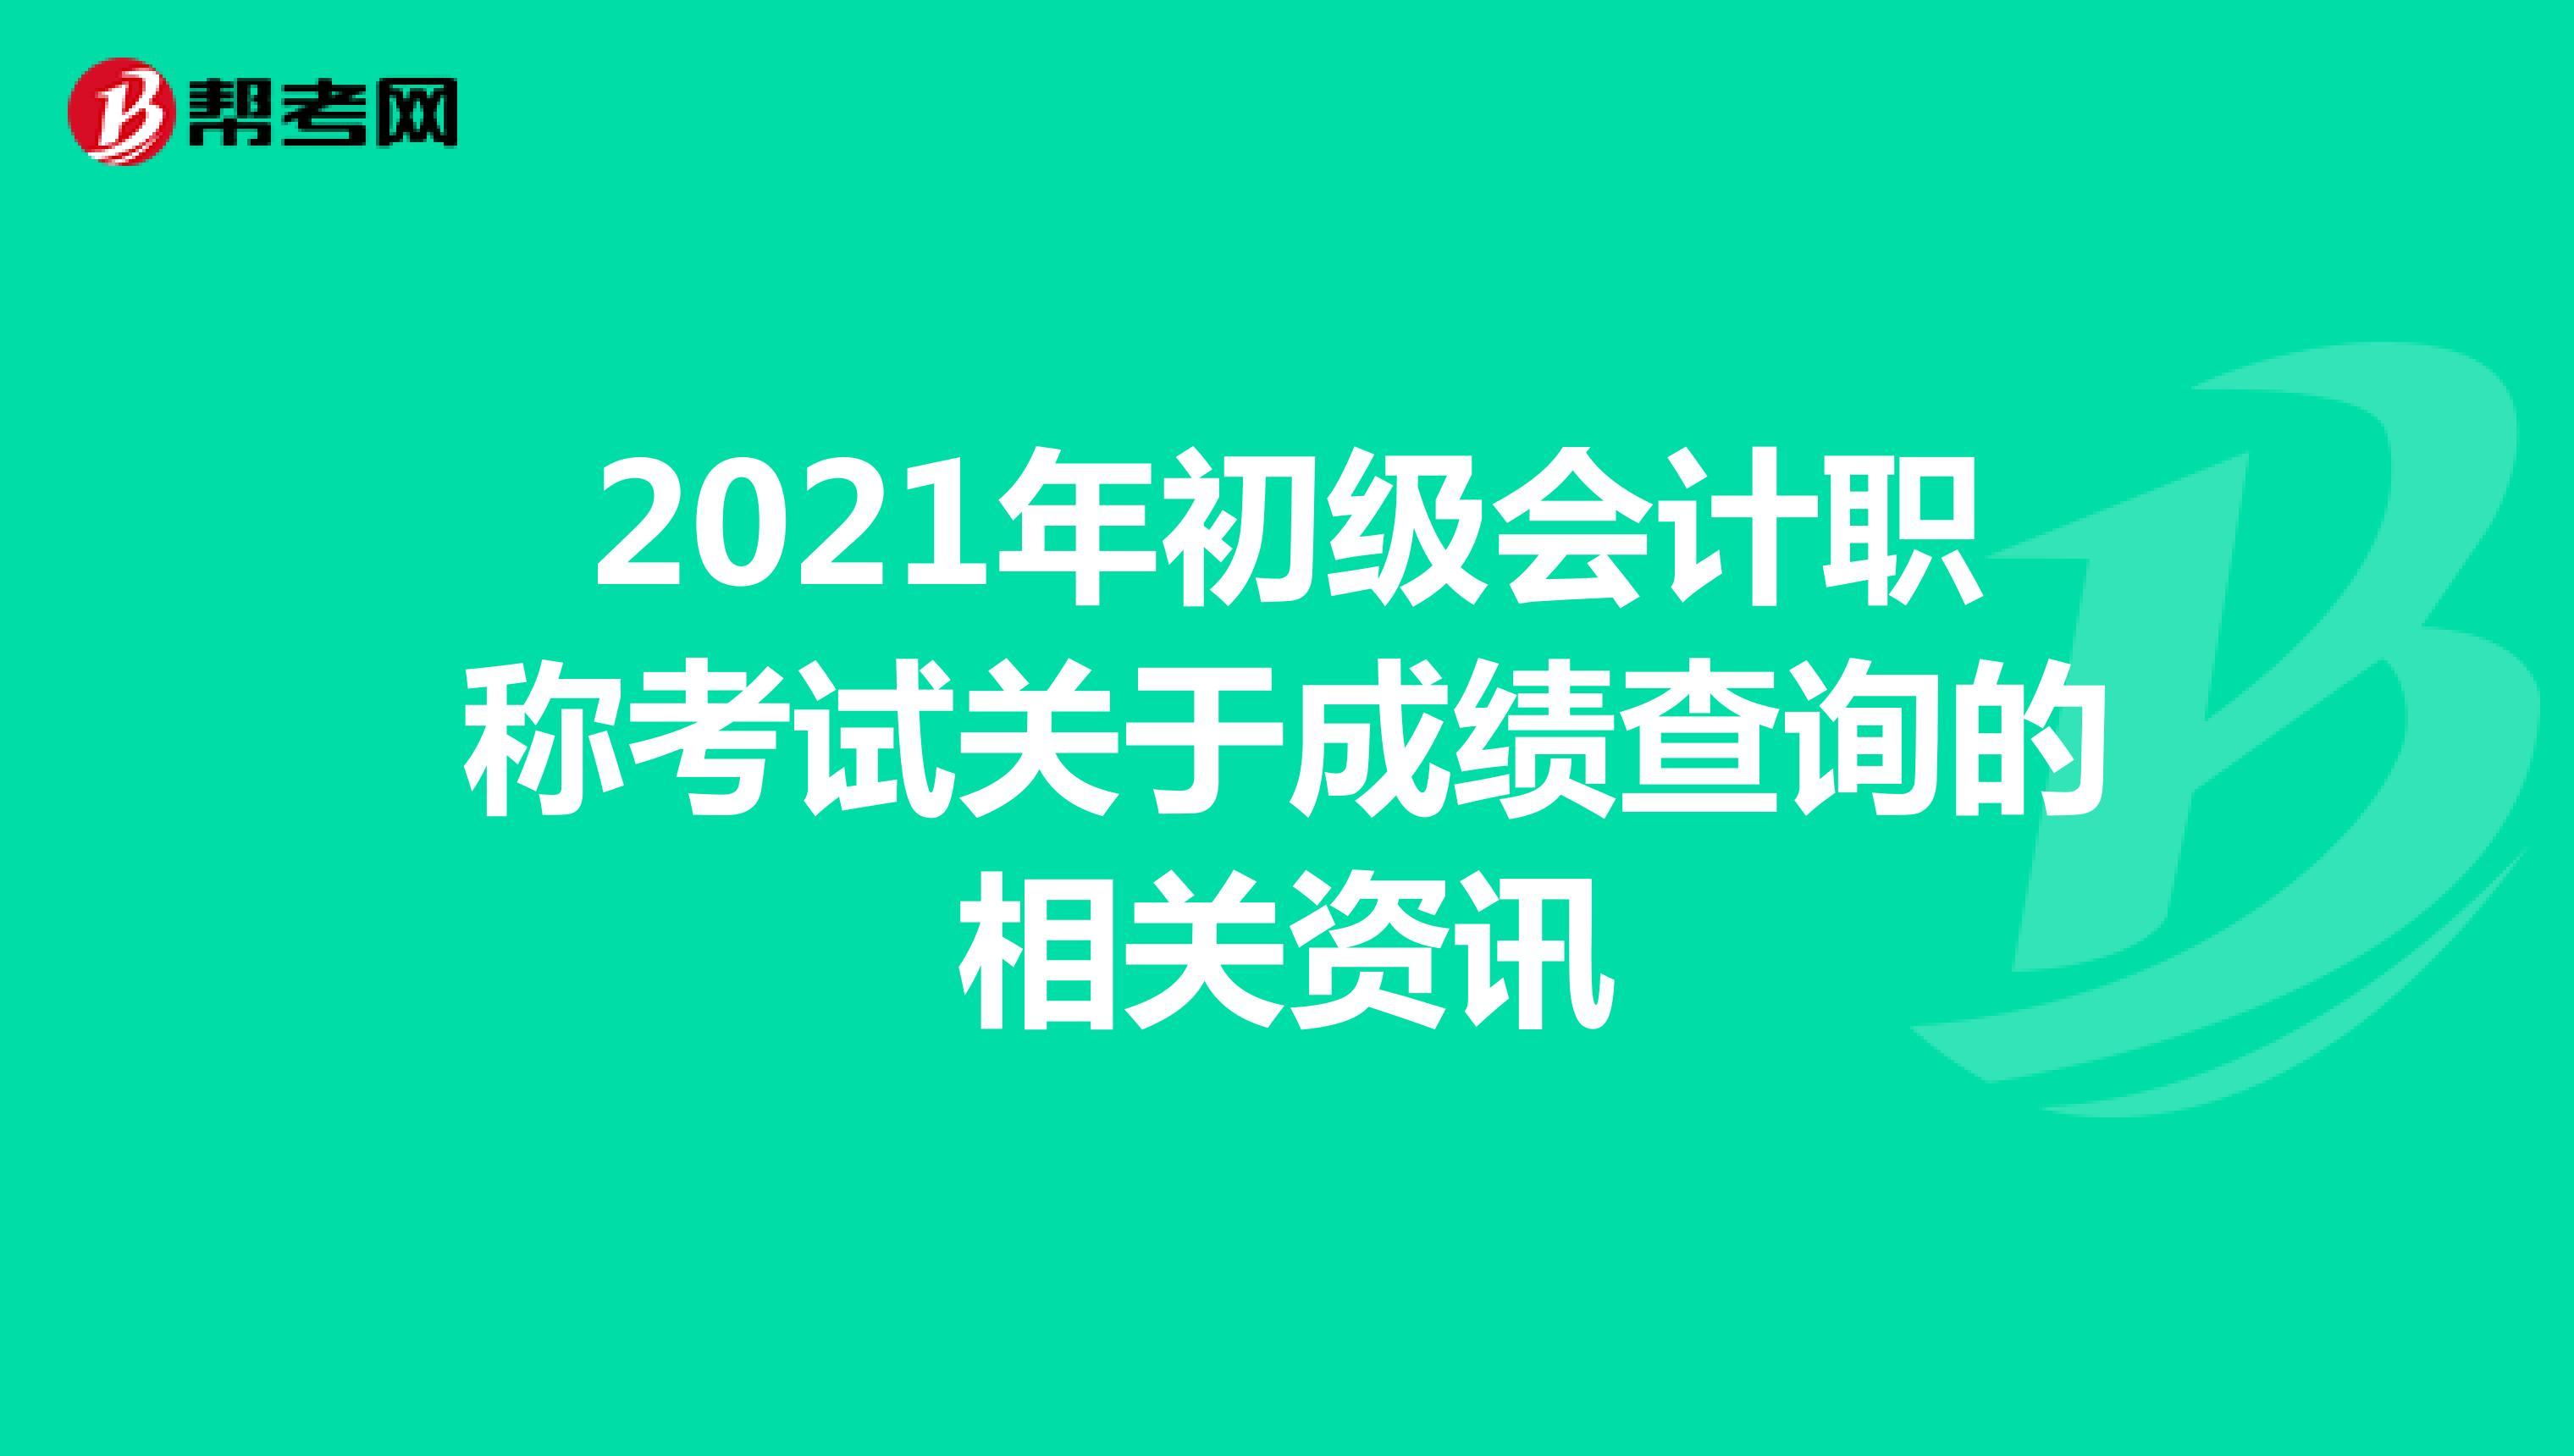 2021年初級會計職稱考試關于成績查詢的相關資訊